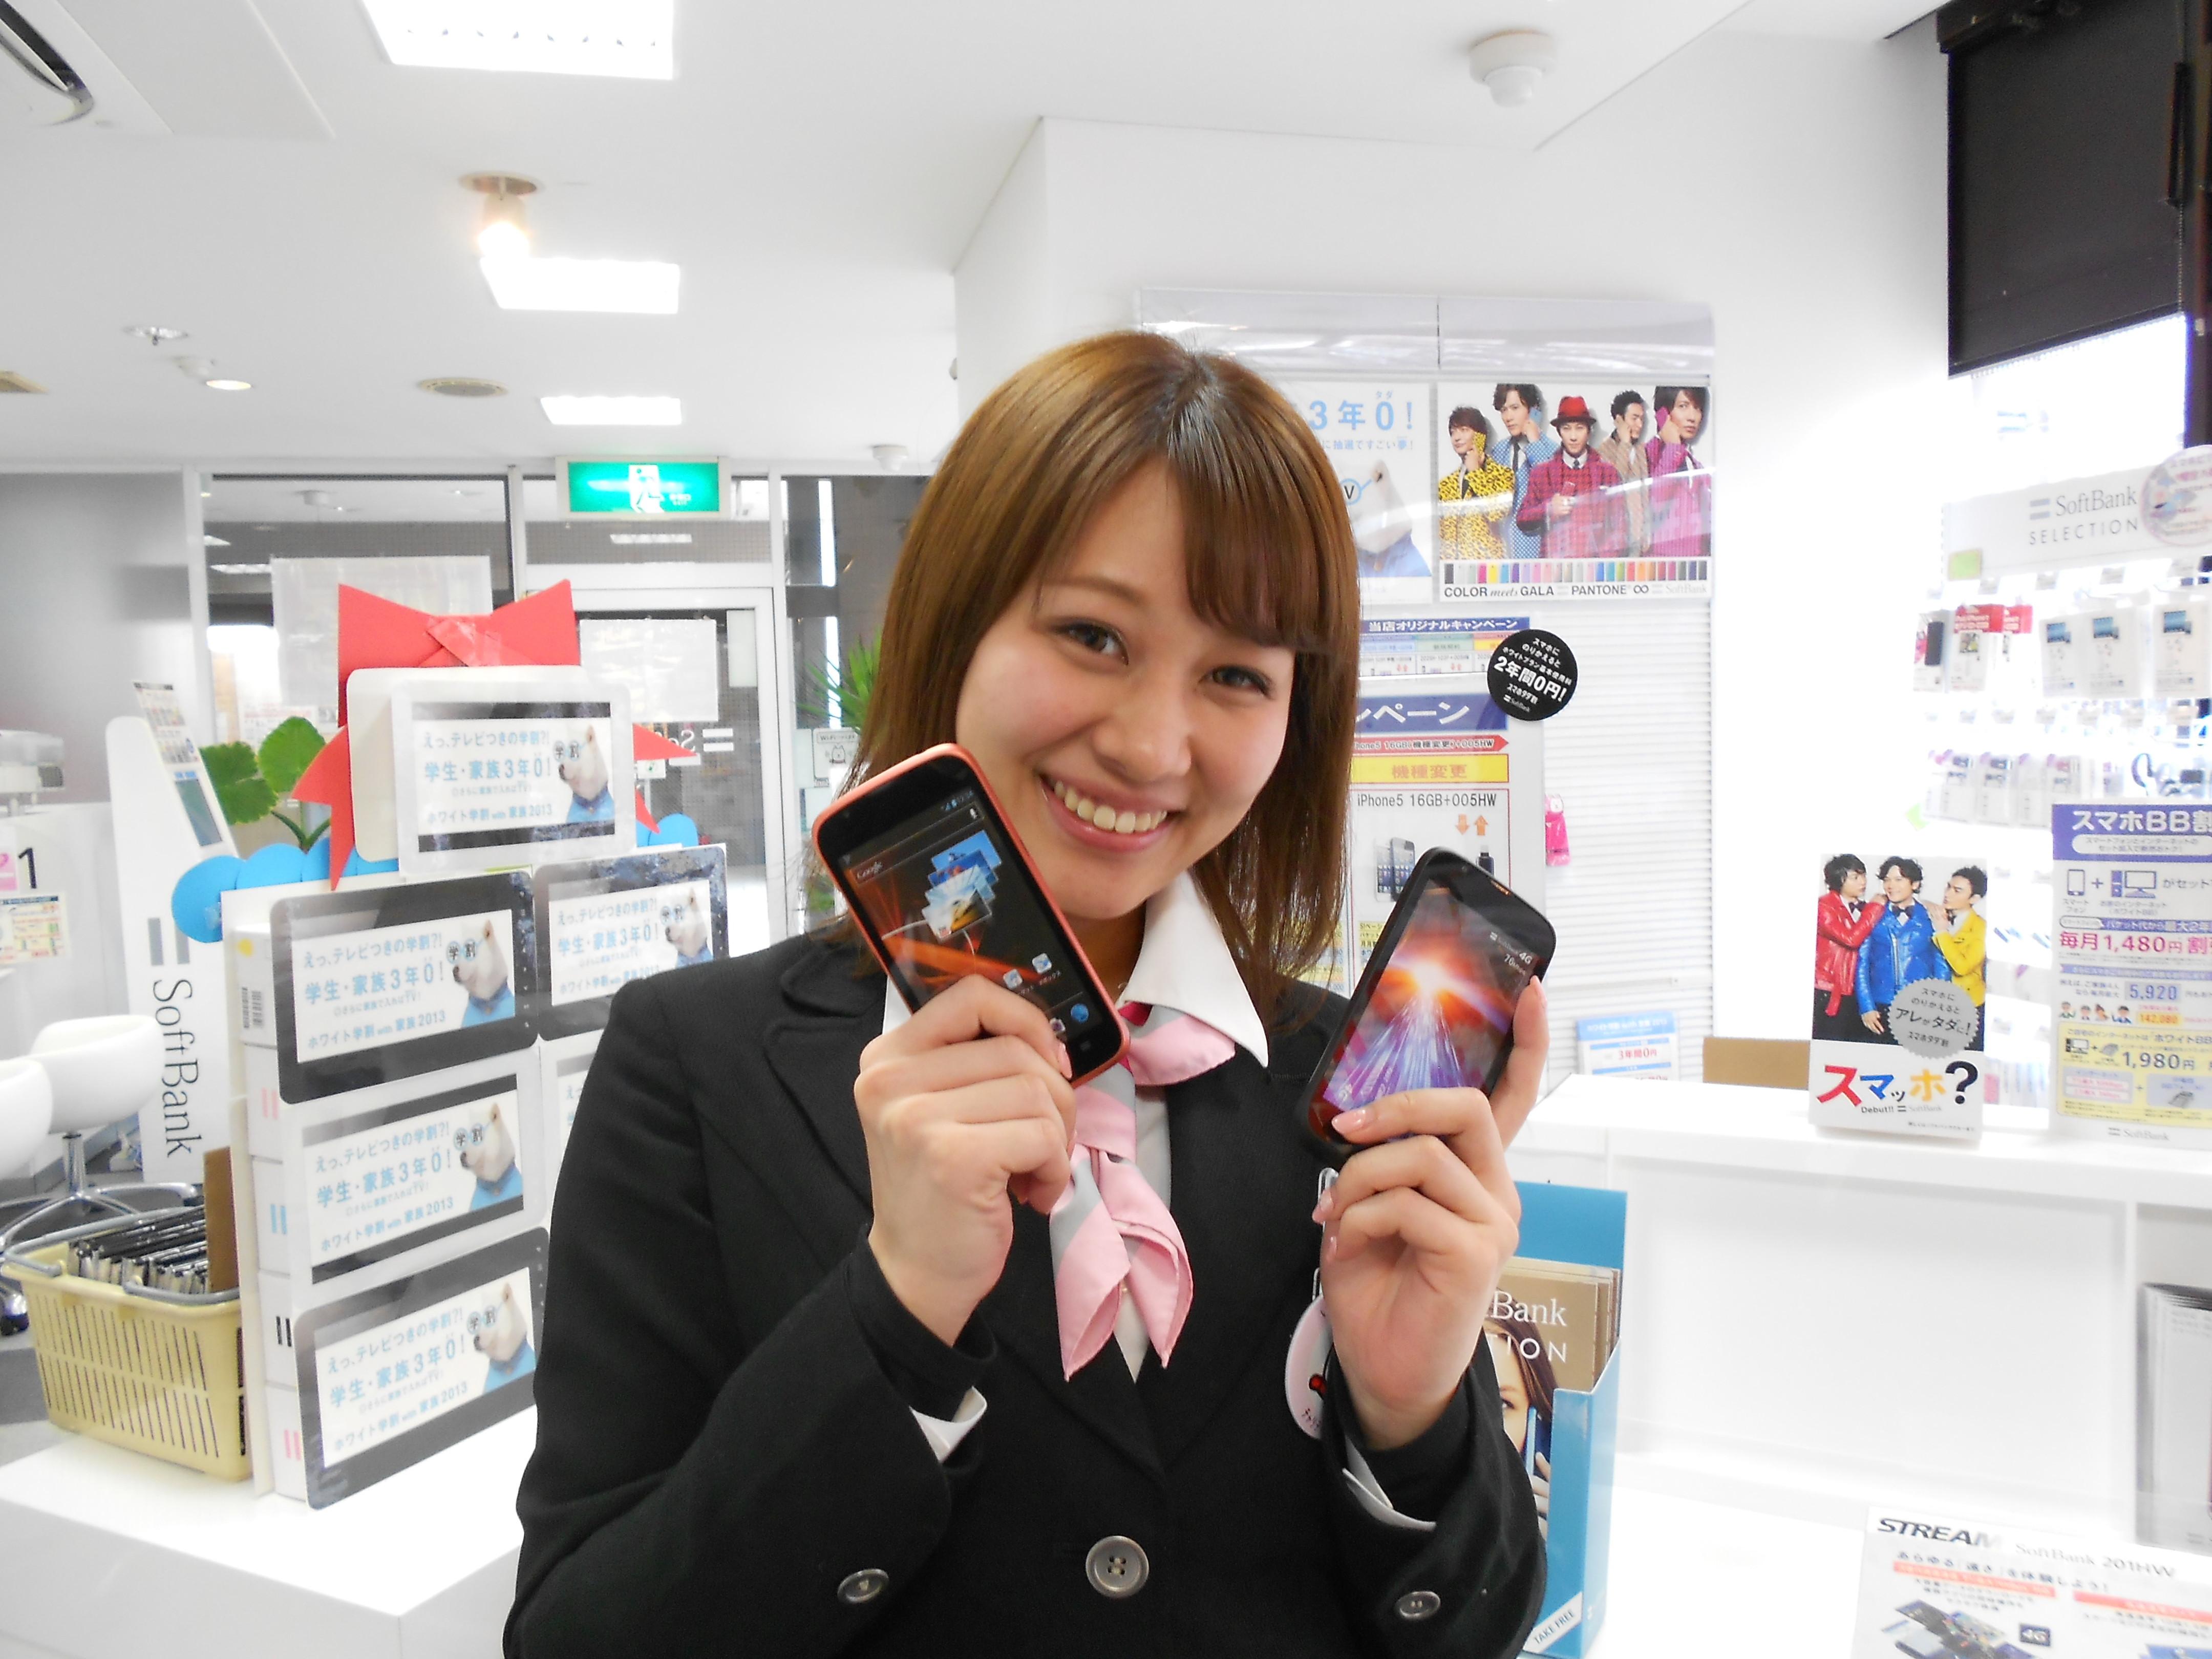 ソフトバンク 尾張旭(株式会社シエロ)のアルバイト情報